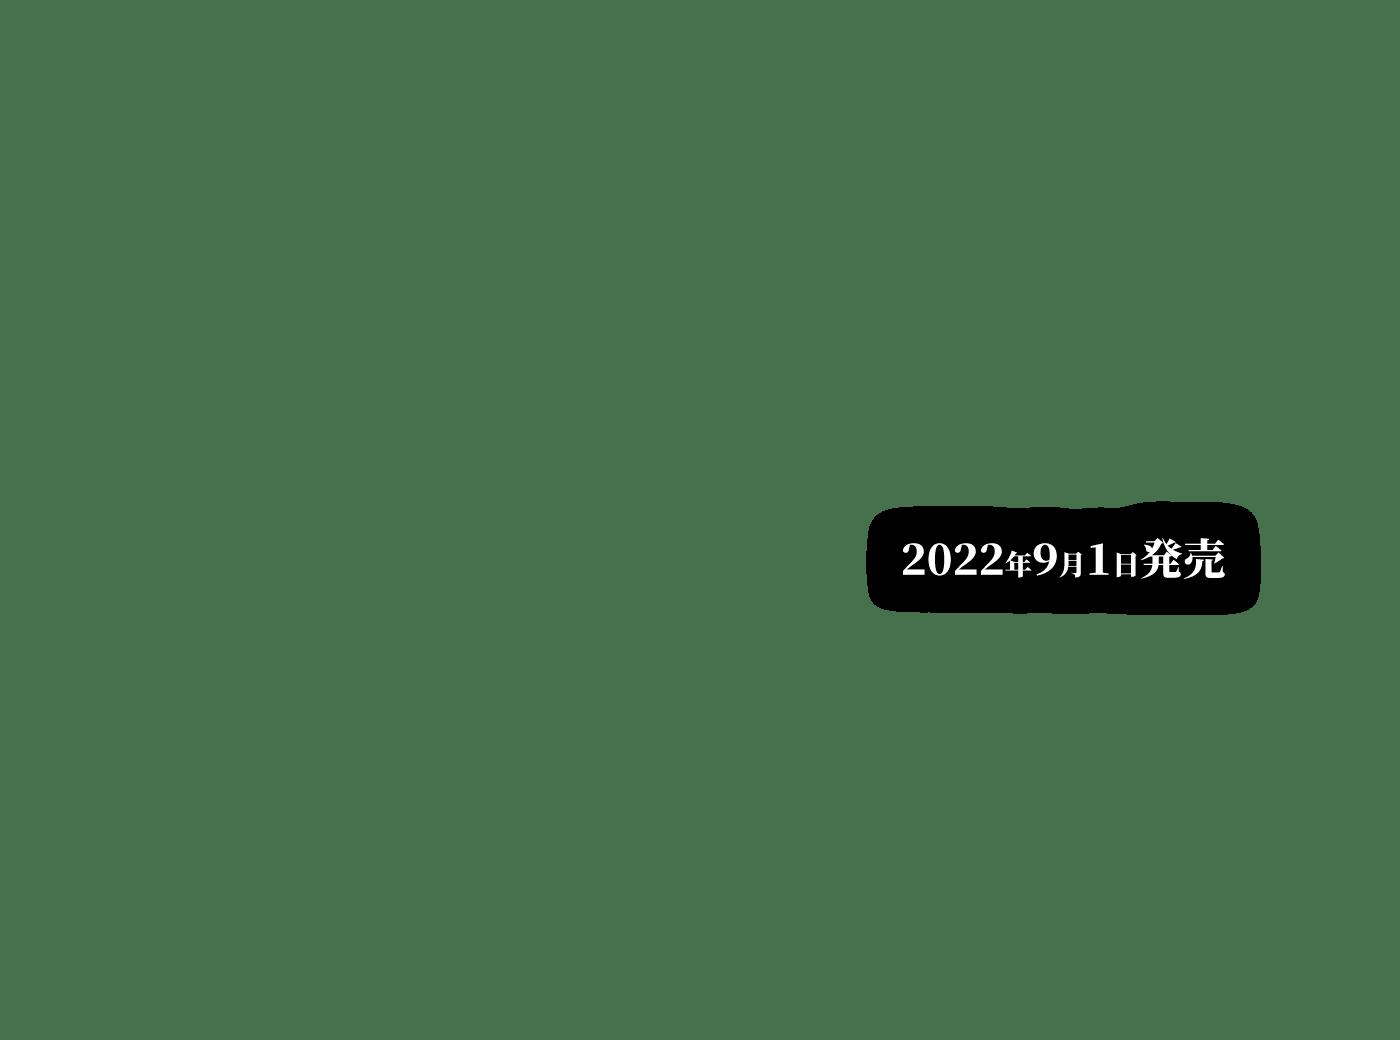 2022年発売予定